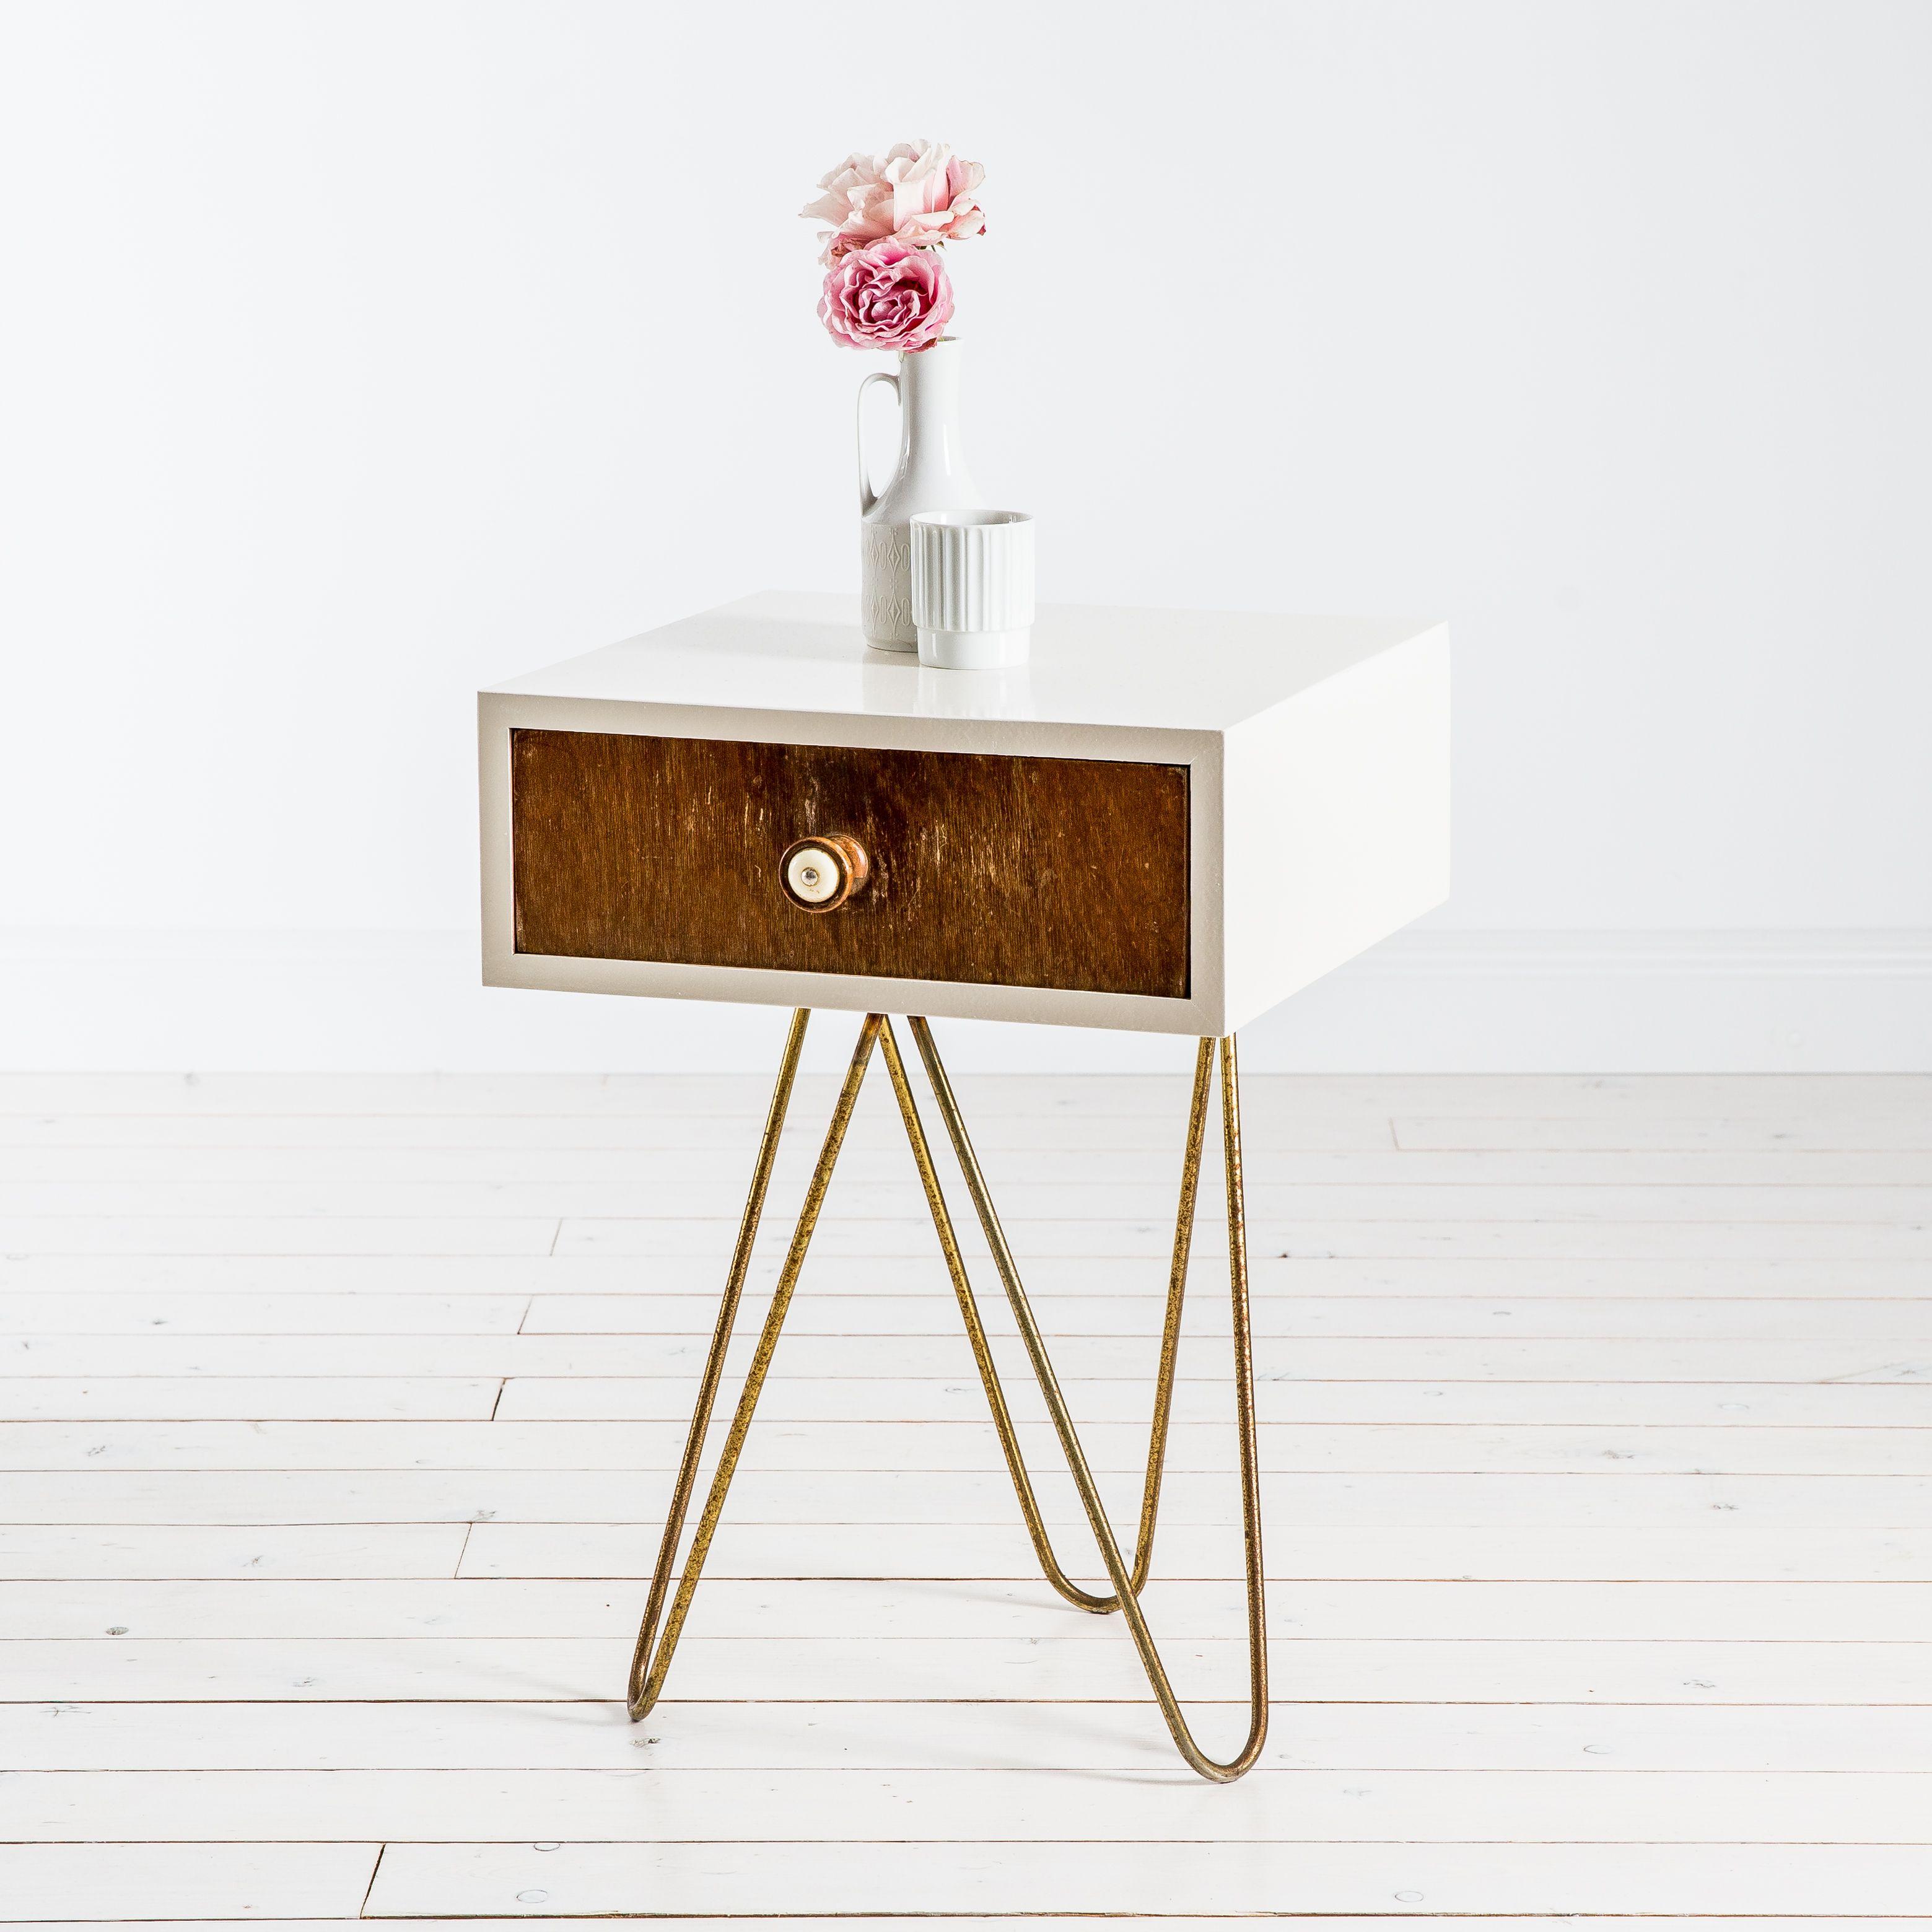 Einzigartig Vintage Möbel Selber Machen Anleitung Konzept - Garten ...